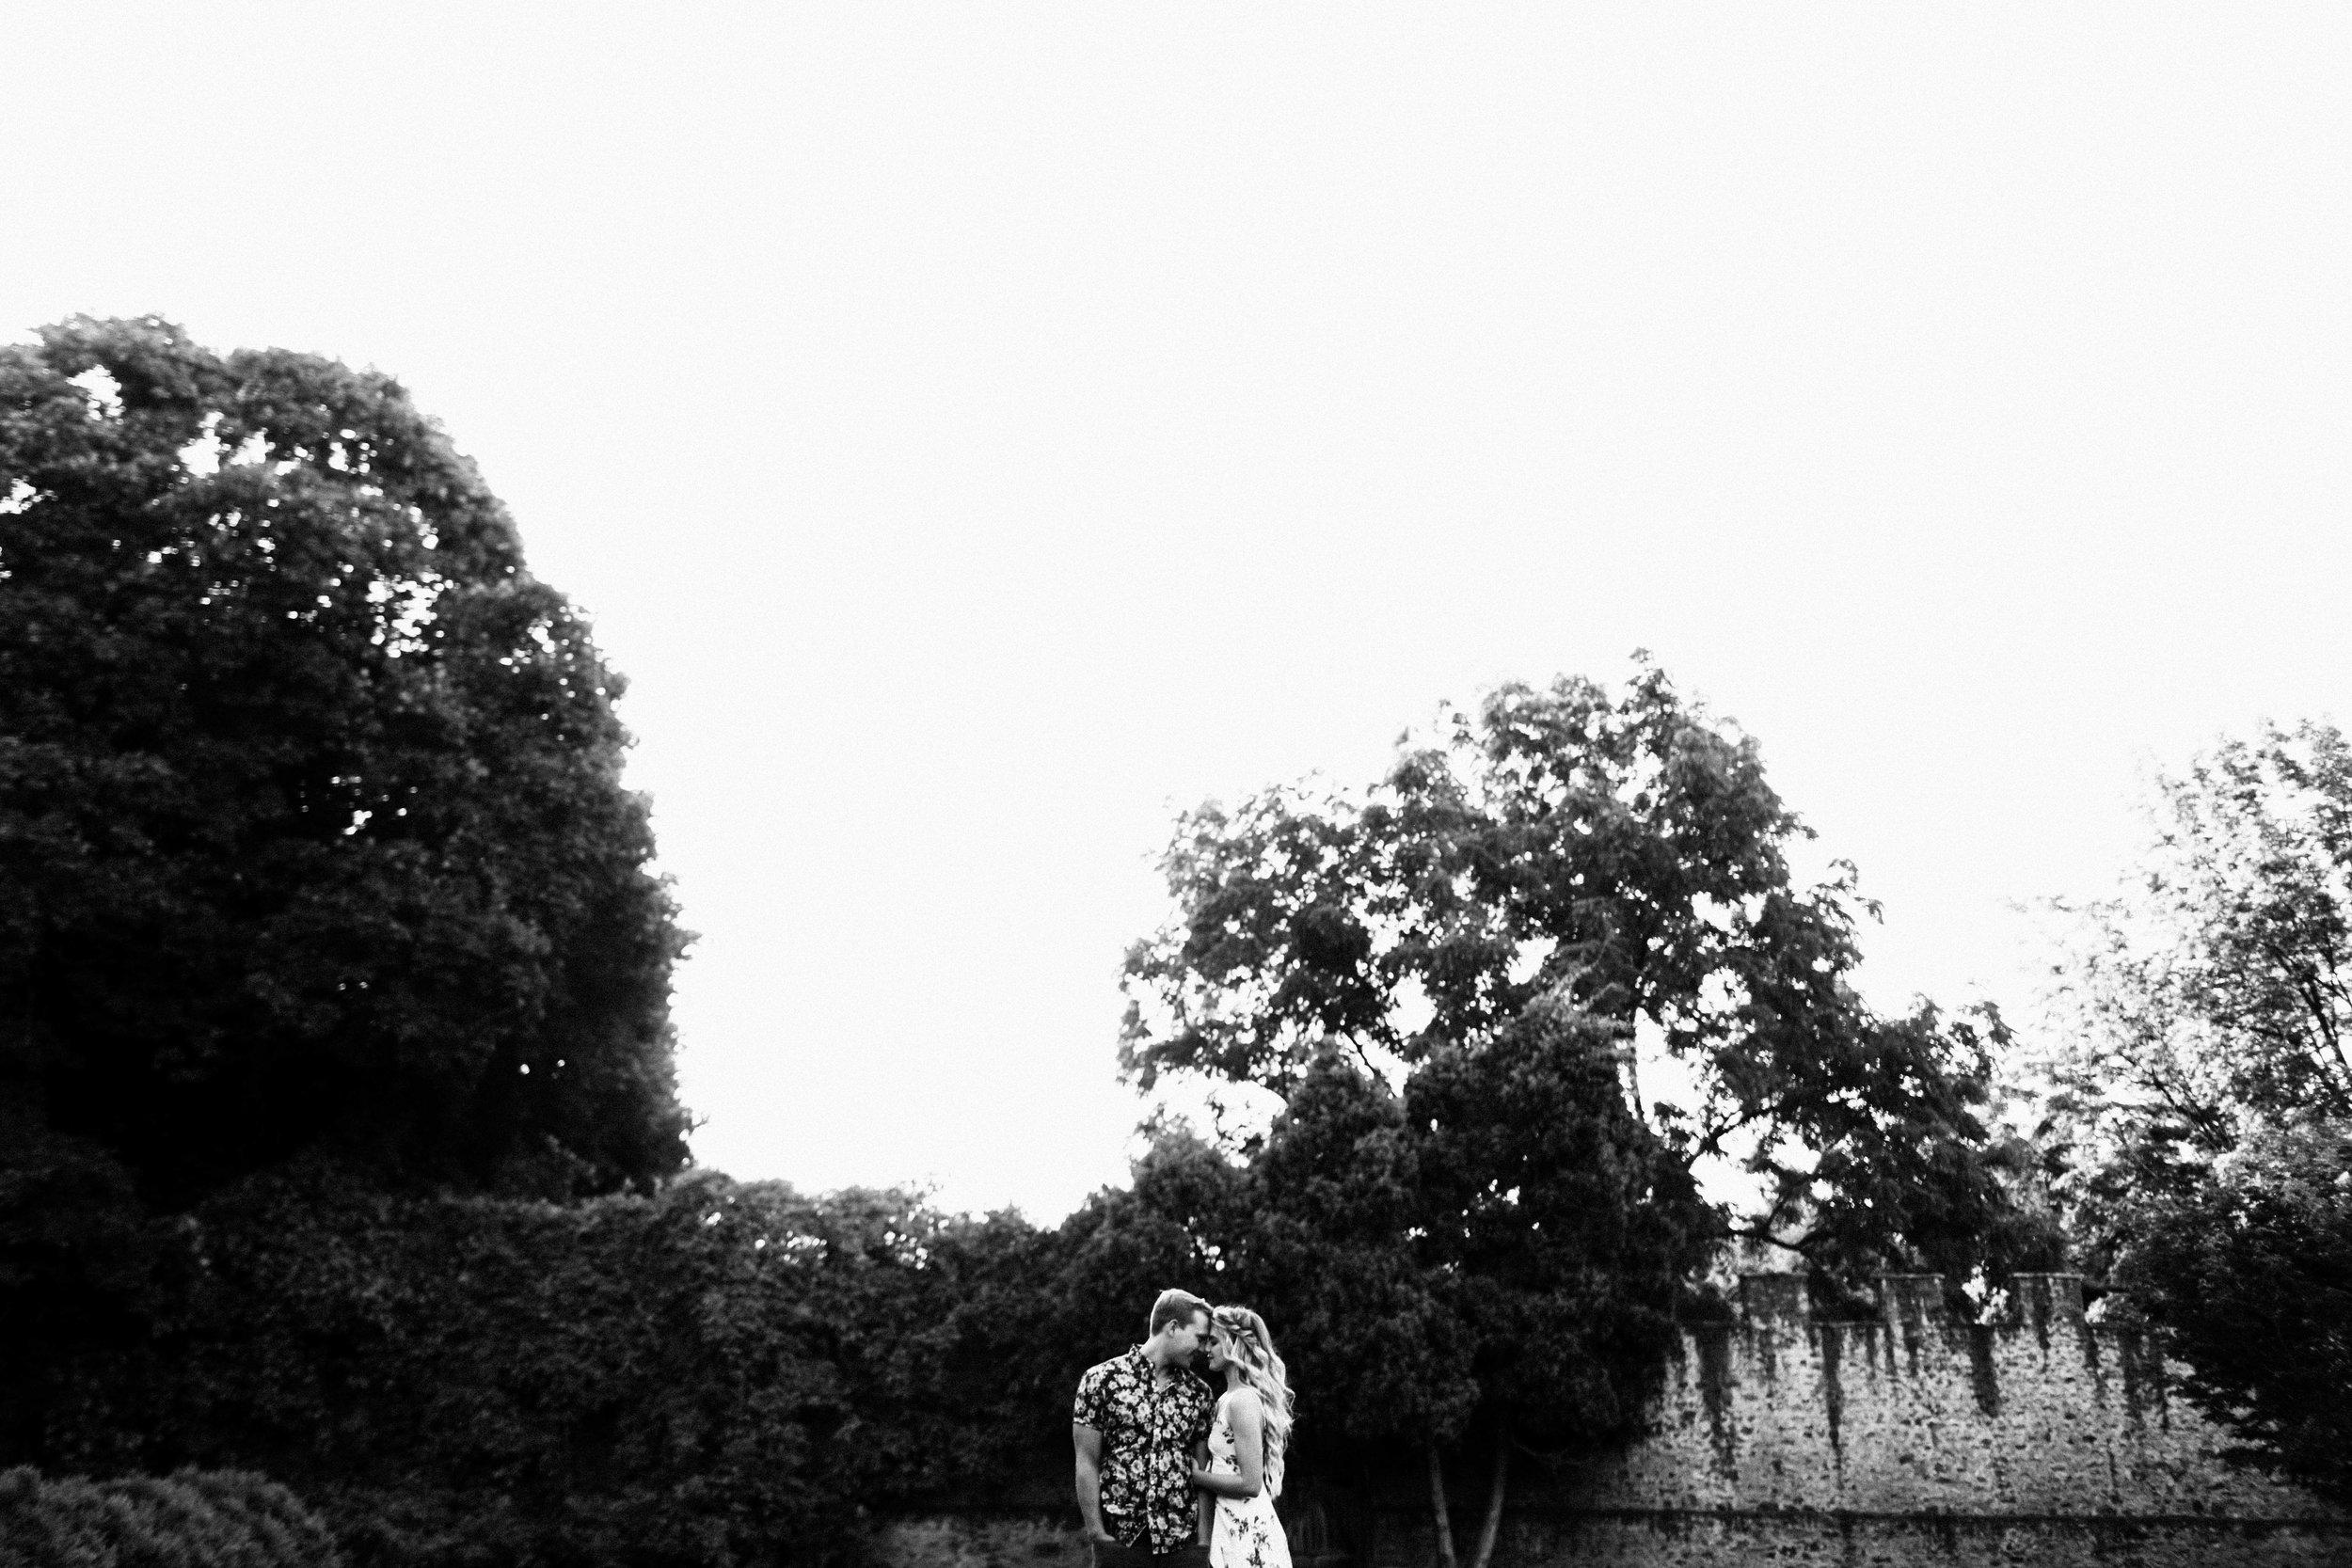 aarenleephotographyg-1165-33.jpg